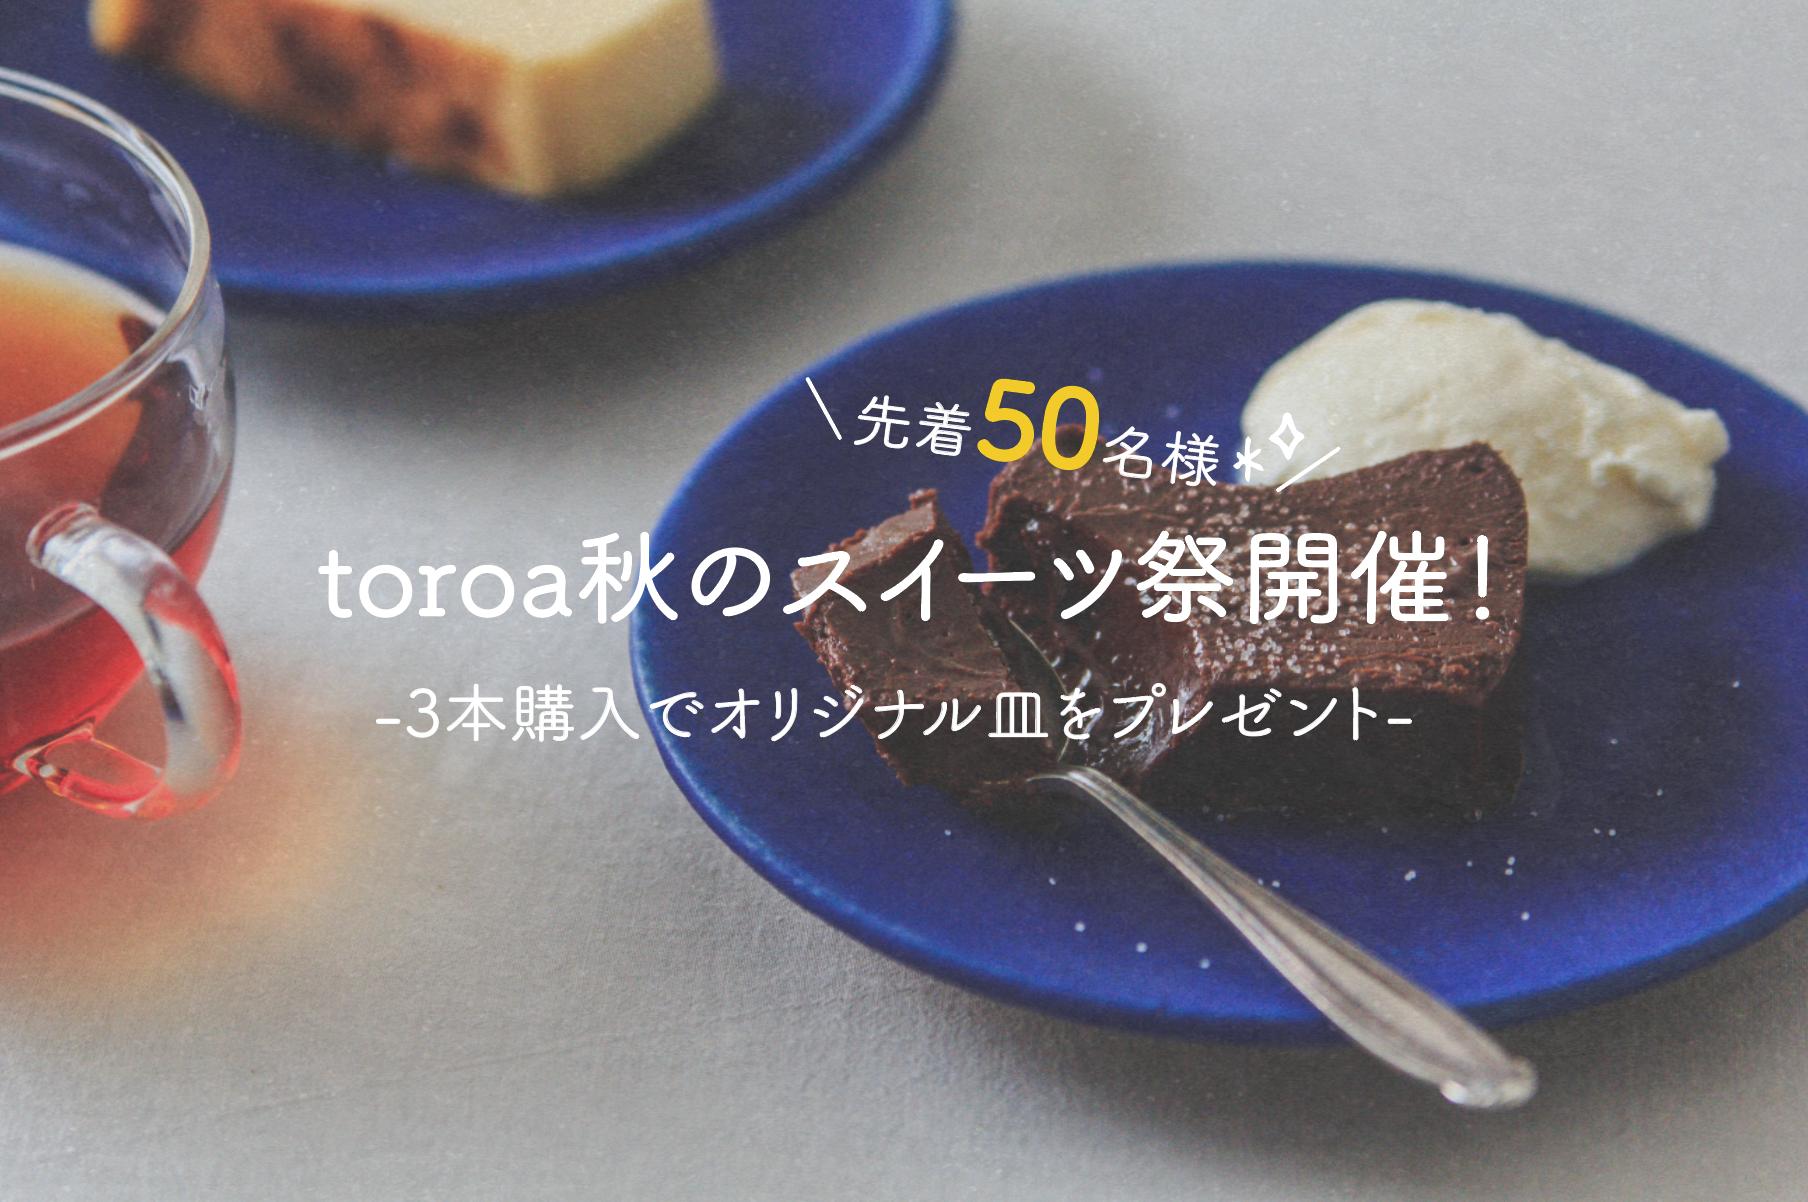 【3本購入でお皿をプレゼント】toroa 秋のスイーツ祭を開催します!※10月12日に応募締め切りました!